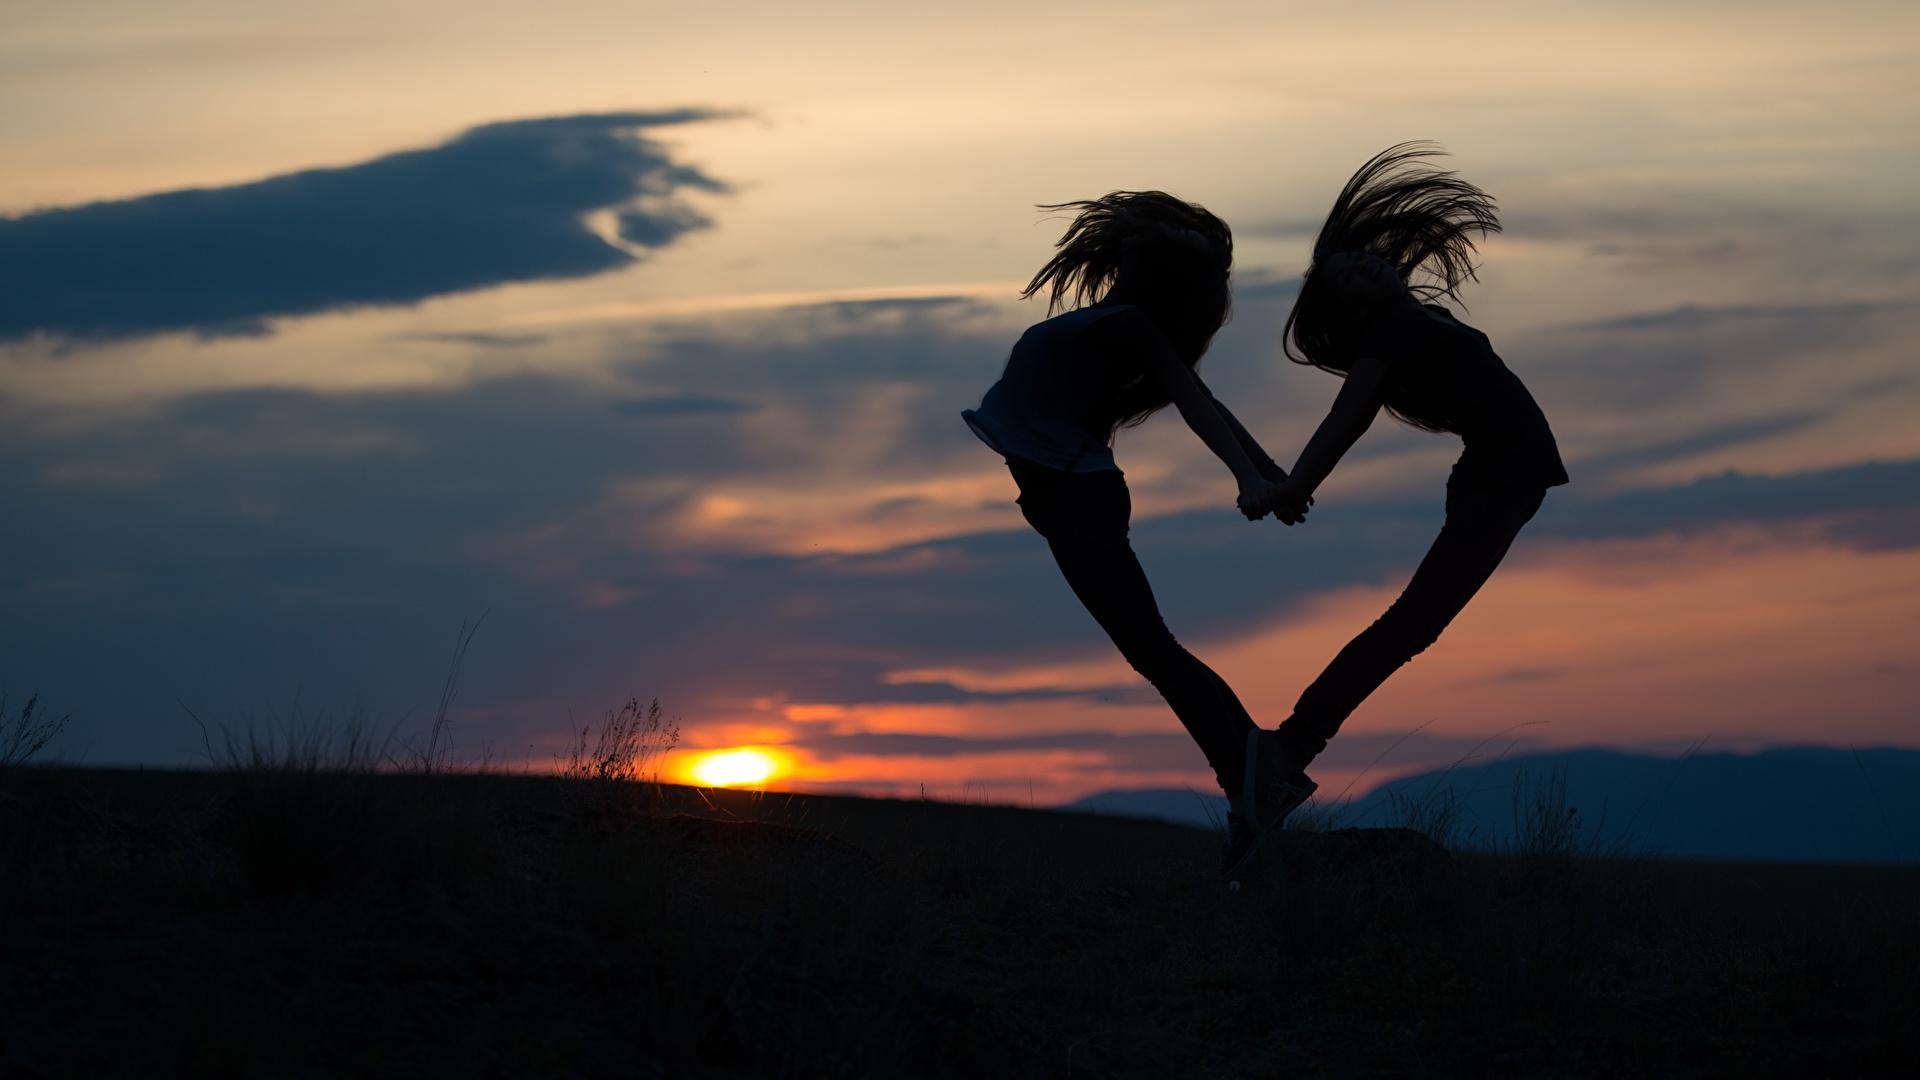 Фото сердца Силуэт вдвоем молодая женщина рассвет и закат Вечер 1920x1080 серце Сердце сердечко силуэты силуэта 2 два две Двое Девушки девушка молодые женщины Рассветы и закаты